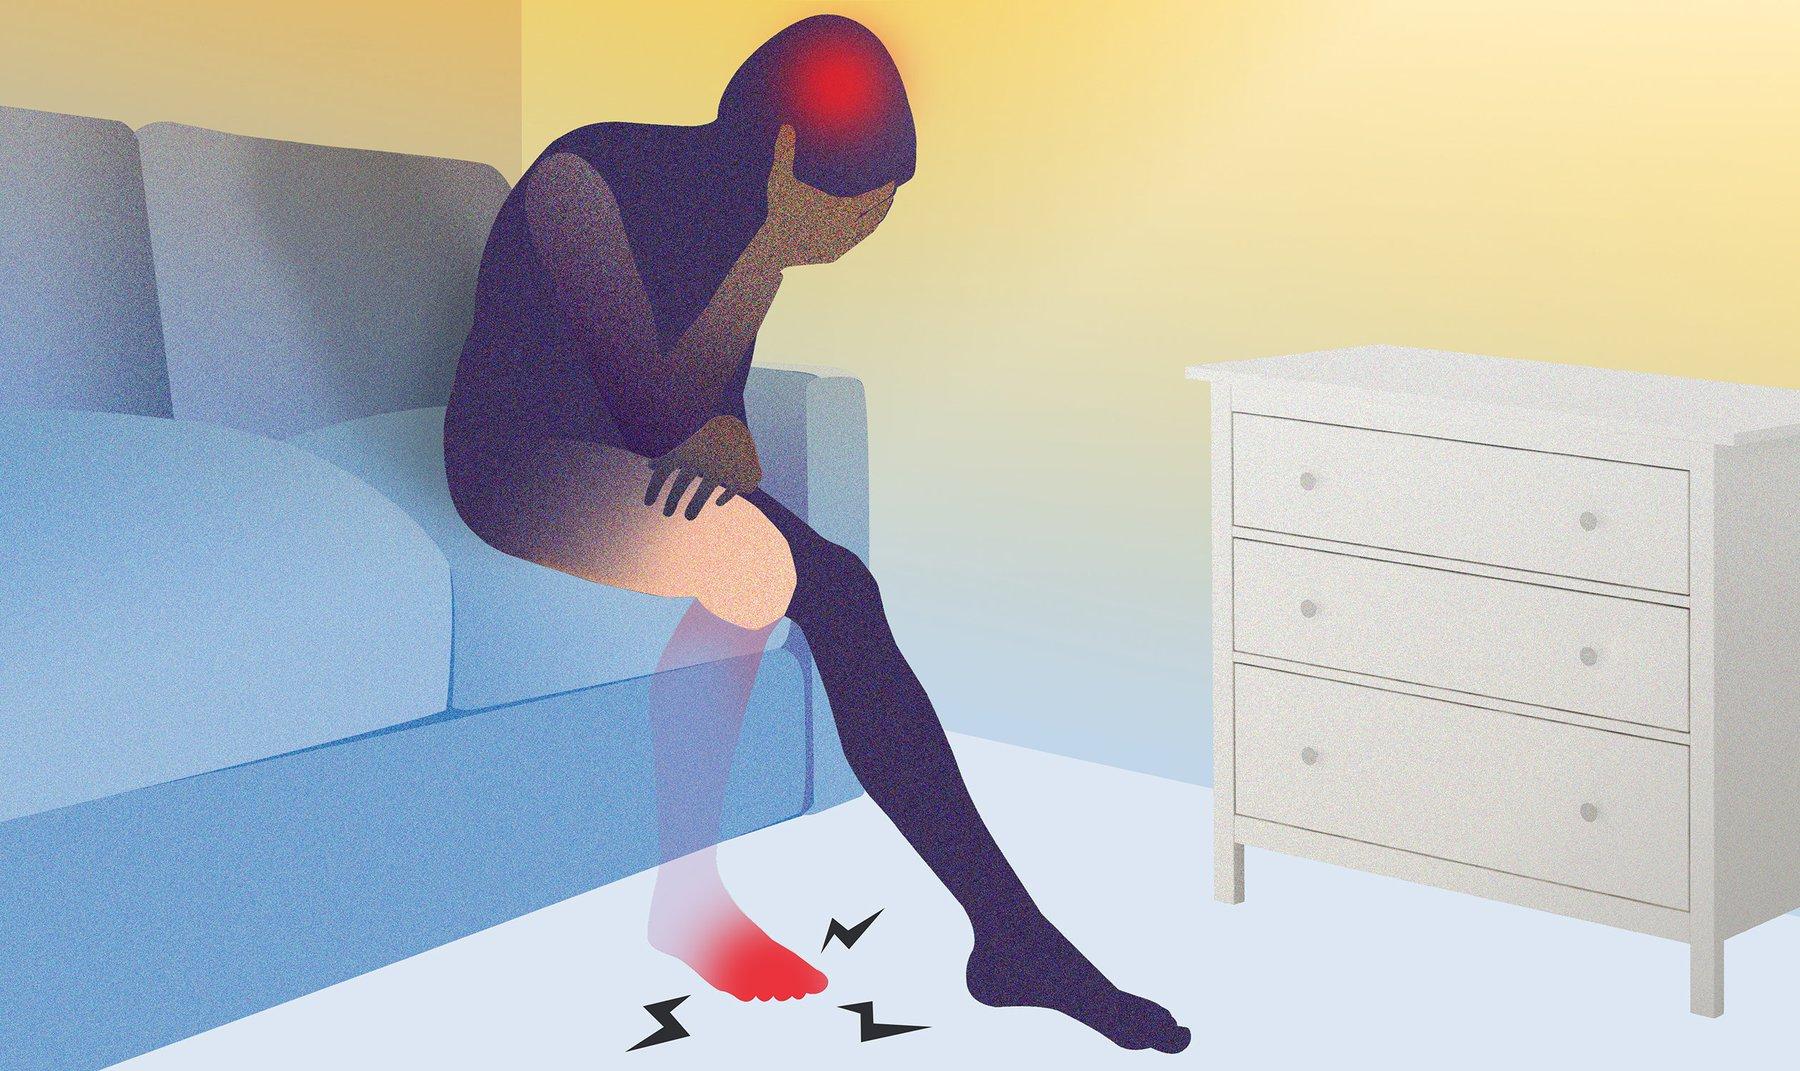 Đau chi ma - cơn đau ảo là gì? Nguyên nhân, triệu chứng - ảnh 1